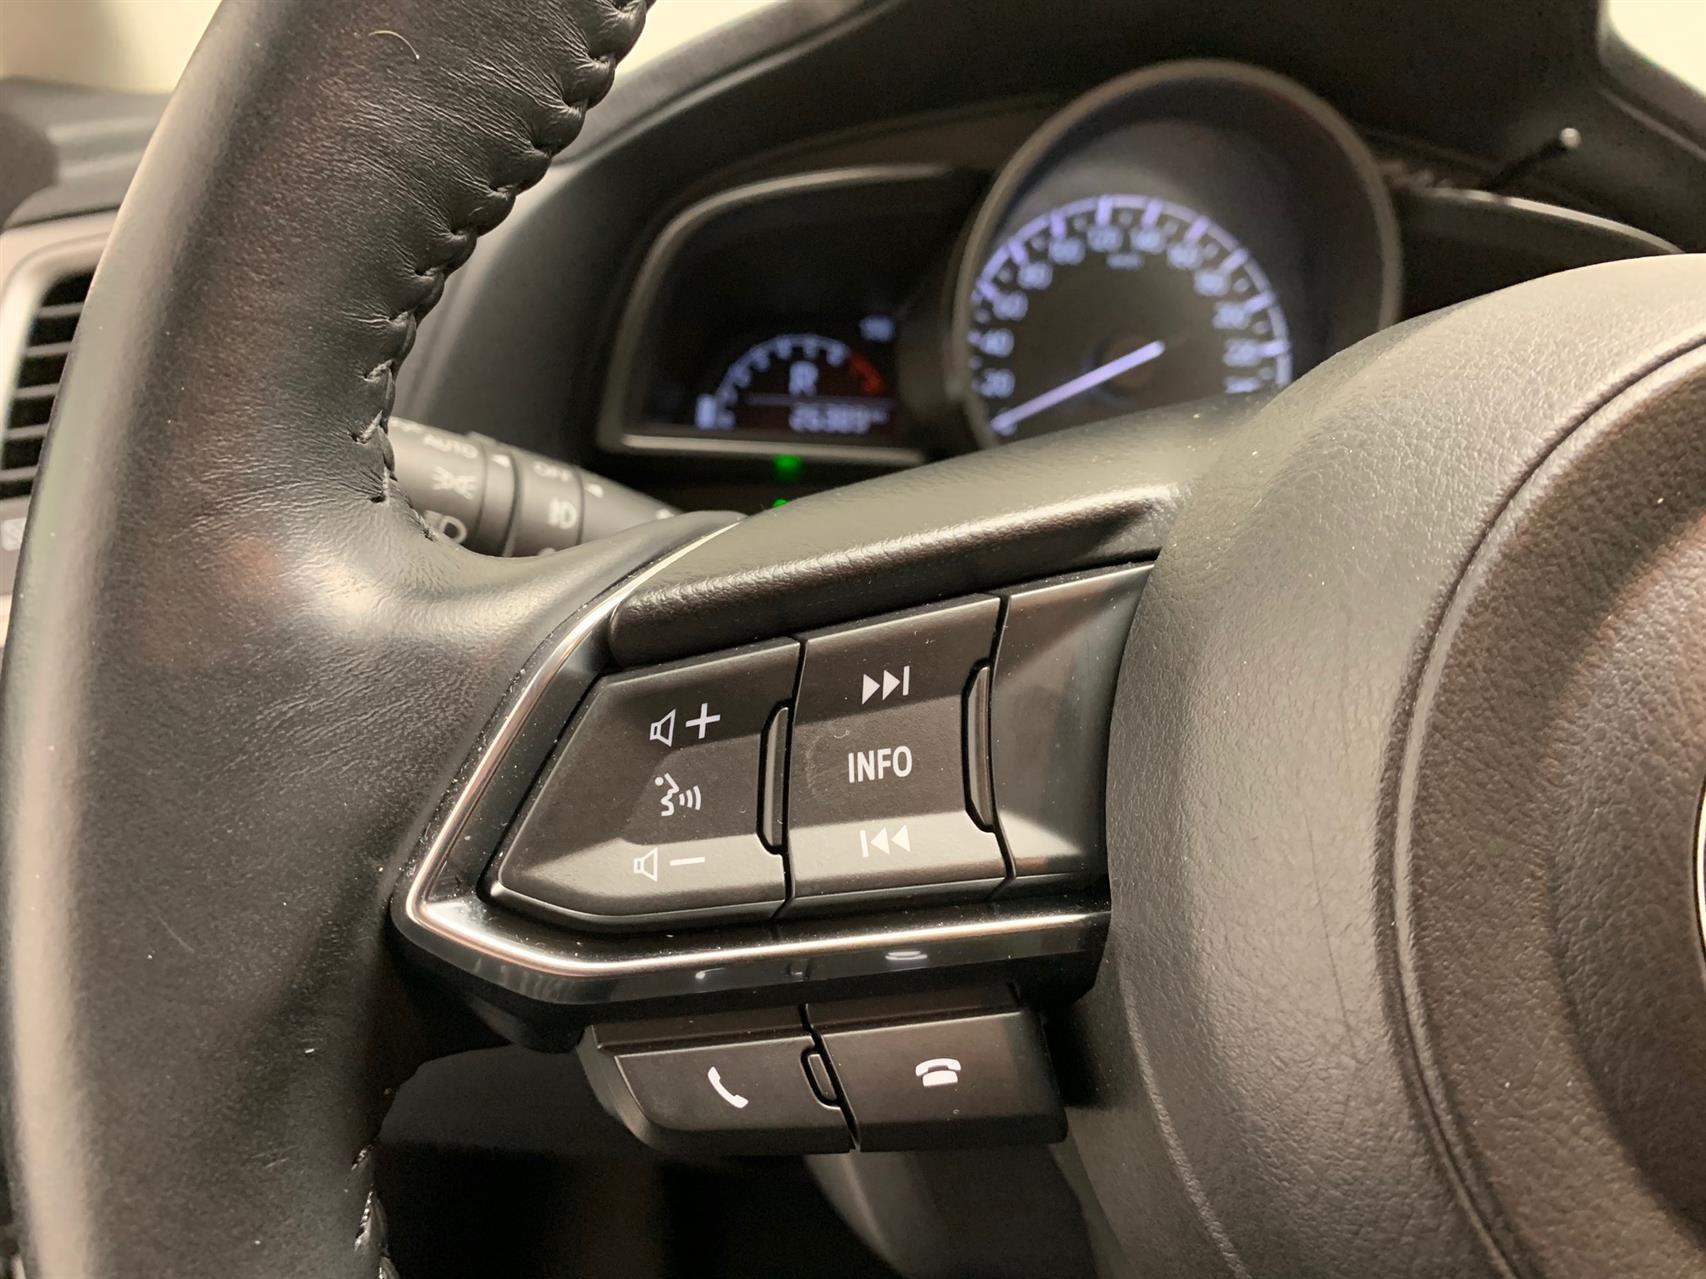 Billede af Mazda 3 2,0 Skyactiv-G Vision 120HK 6g Aut.